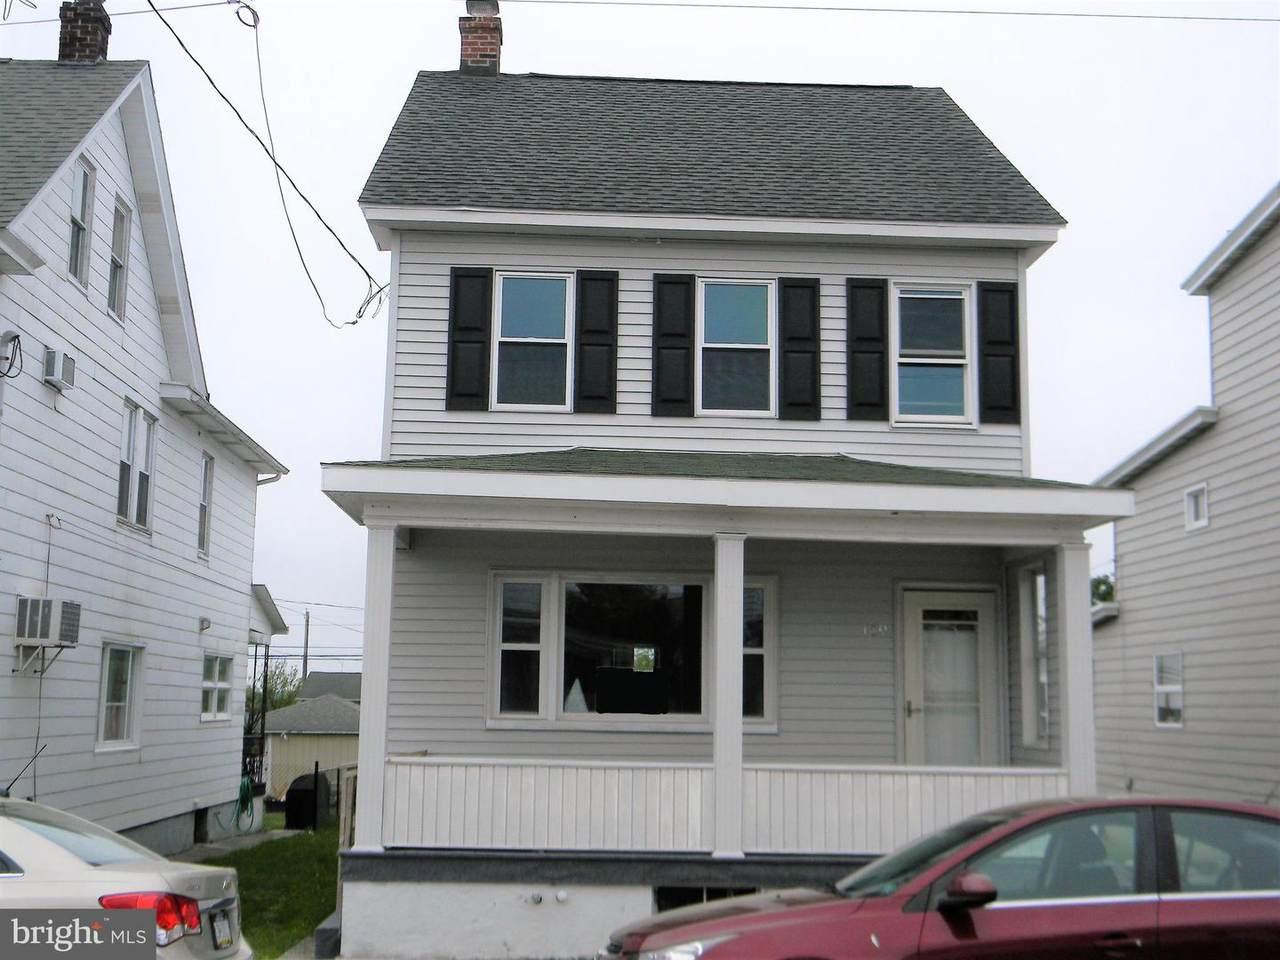 149 White Street - Photo 1